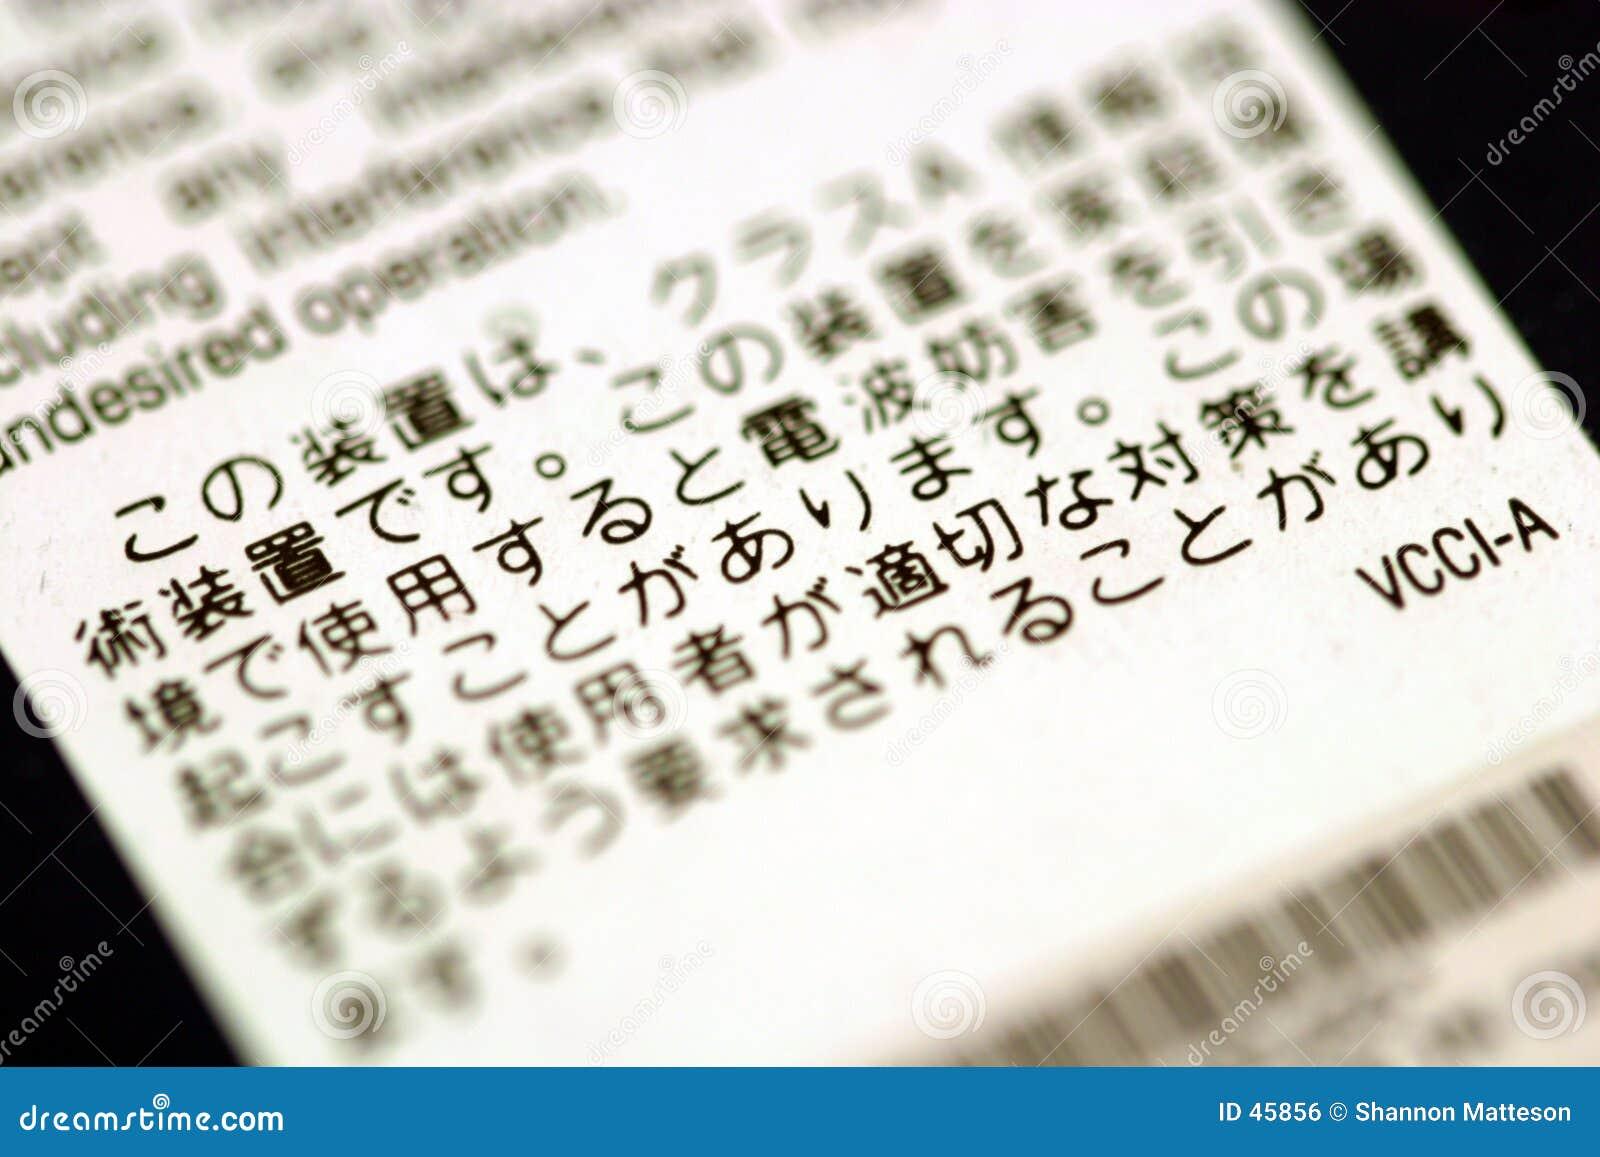 Japanische Zeichen mit Unschärfe